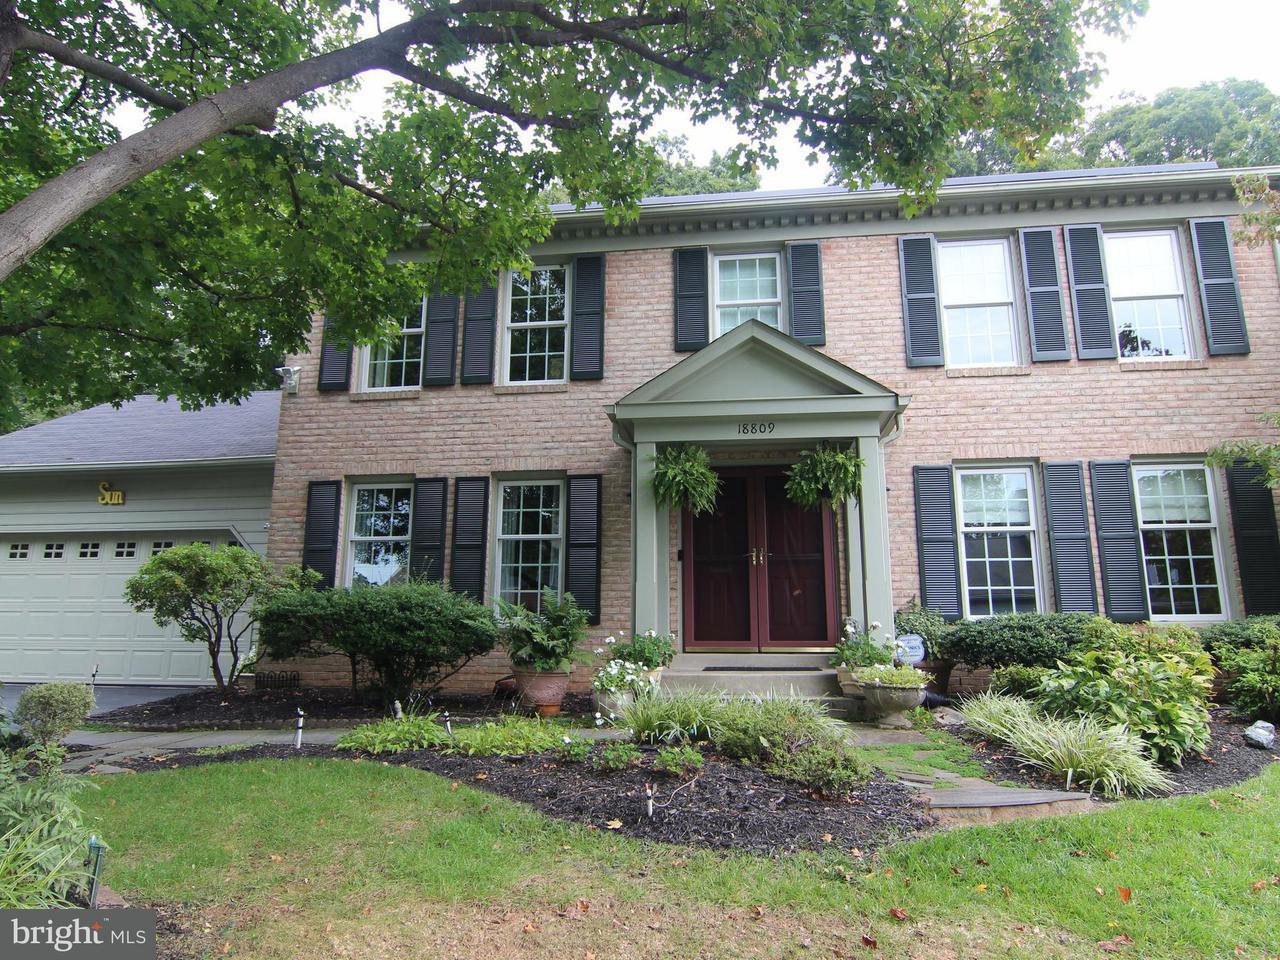 独户住宅 为 销售 在 18809 MEADOW FENCE RD S 18809 MEADOW FENCE RD S Montgomery Village, 马里兰州 20886 美国